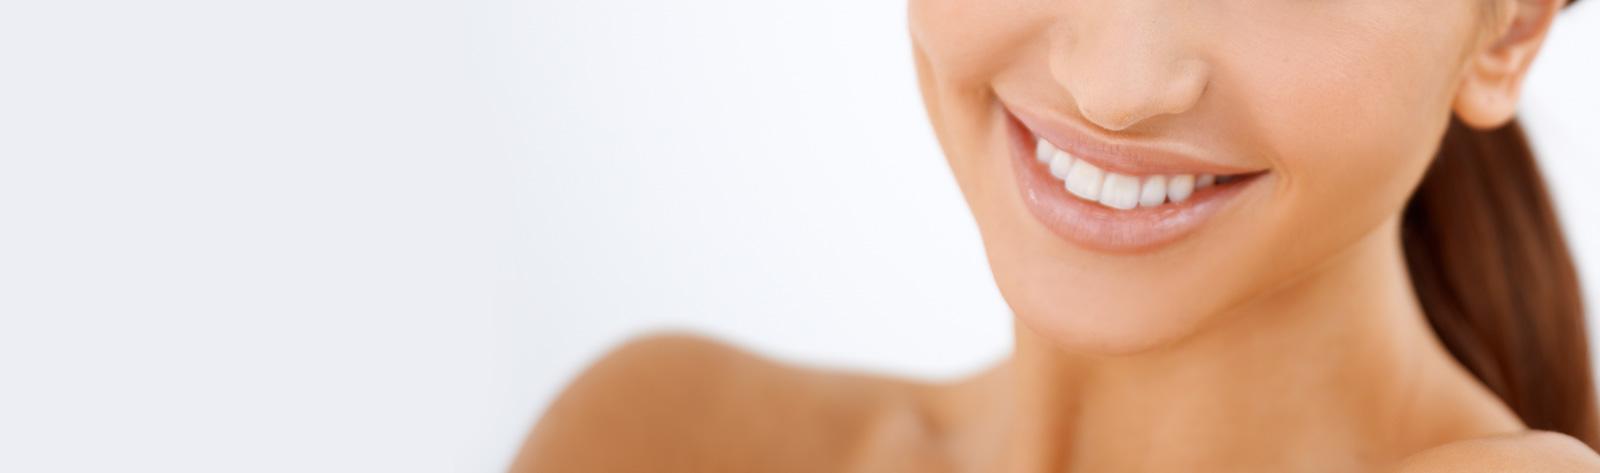 6 rzeczy których nie wiedziałaś o plastyce nosa